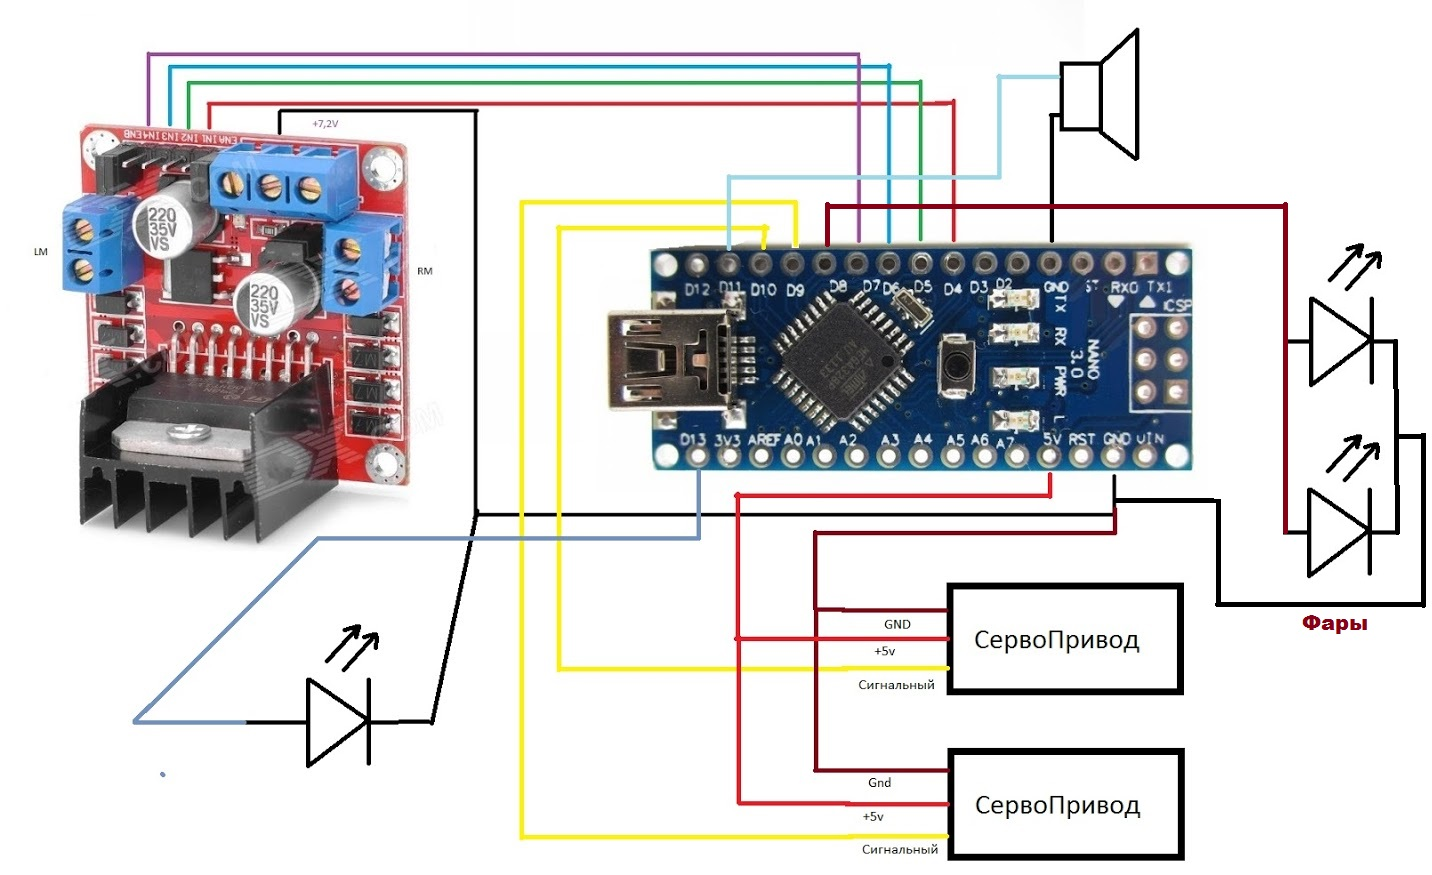 arduino - How do I measure the RPM of a wheel